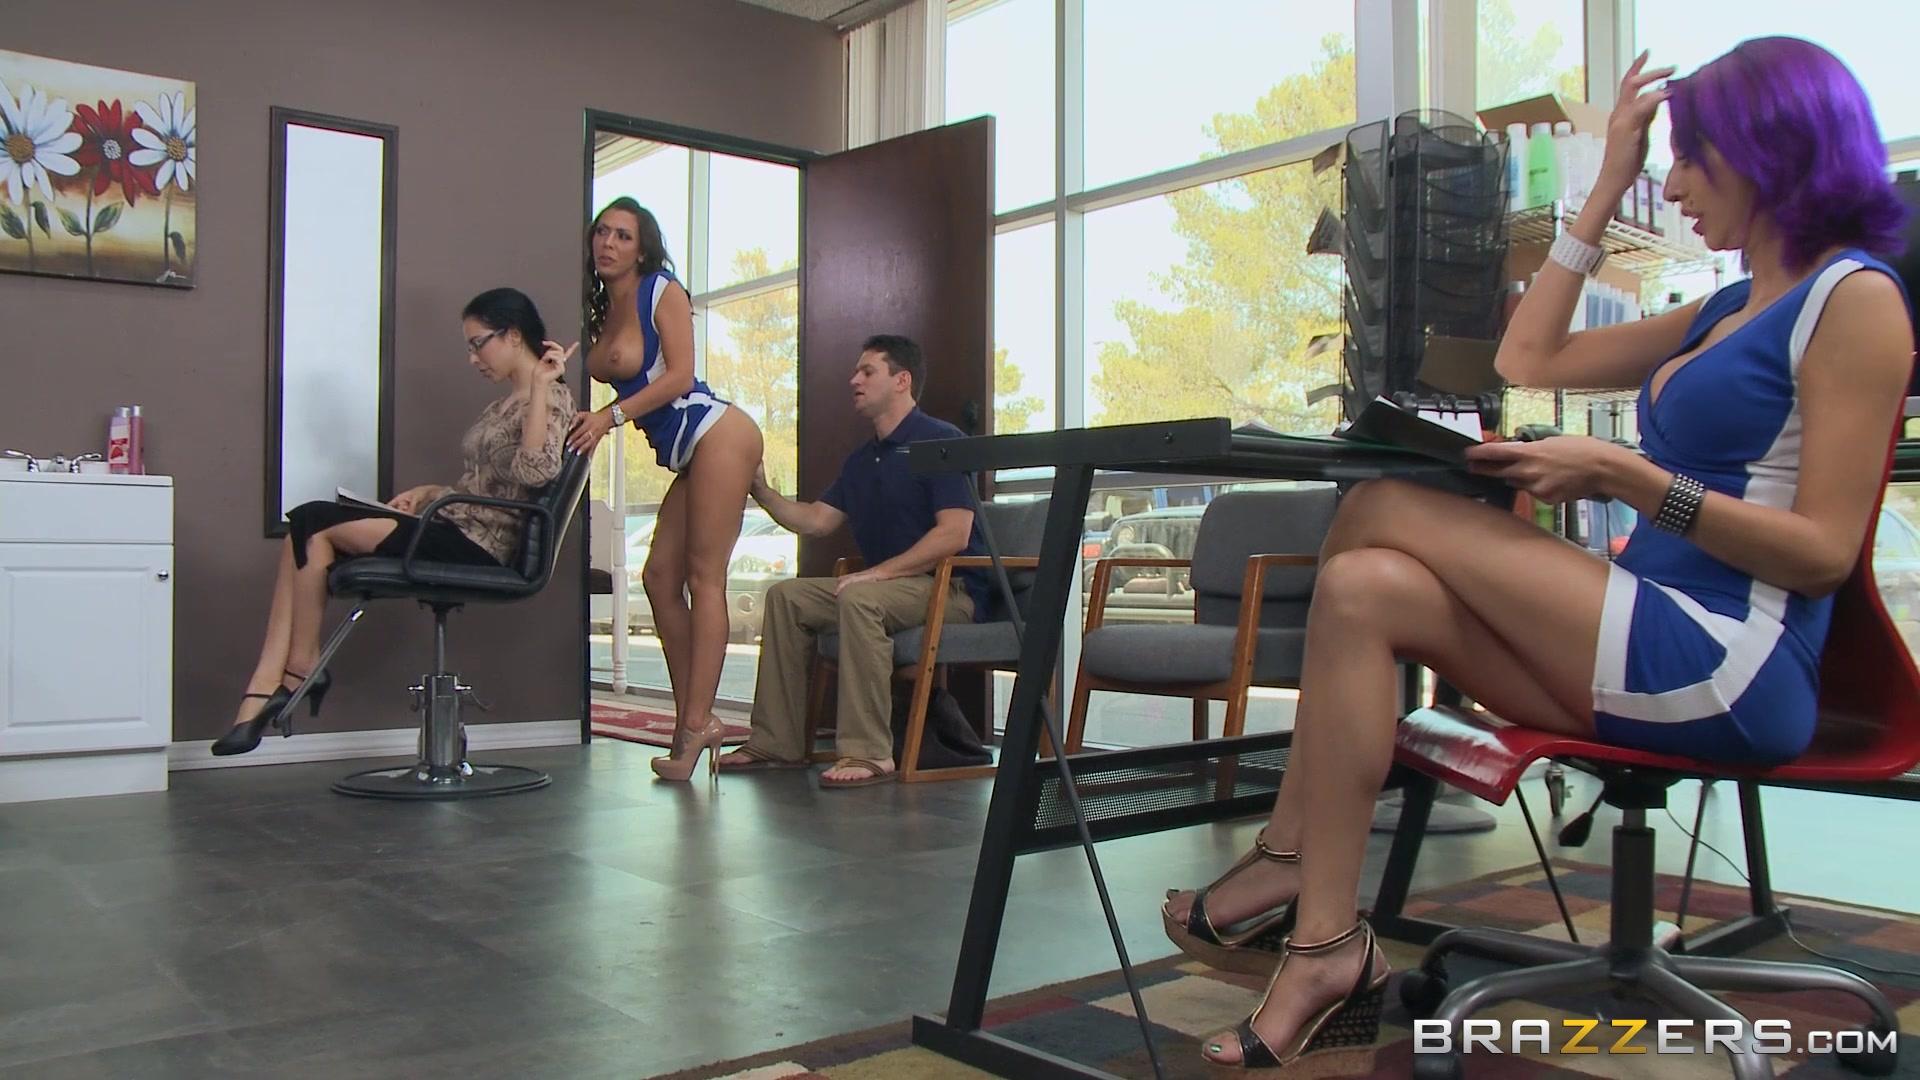 изменяет жене в салоне красоты порно